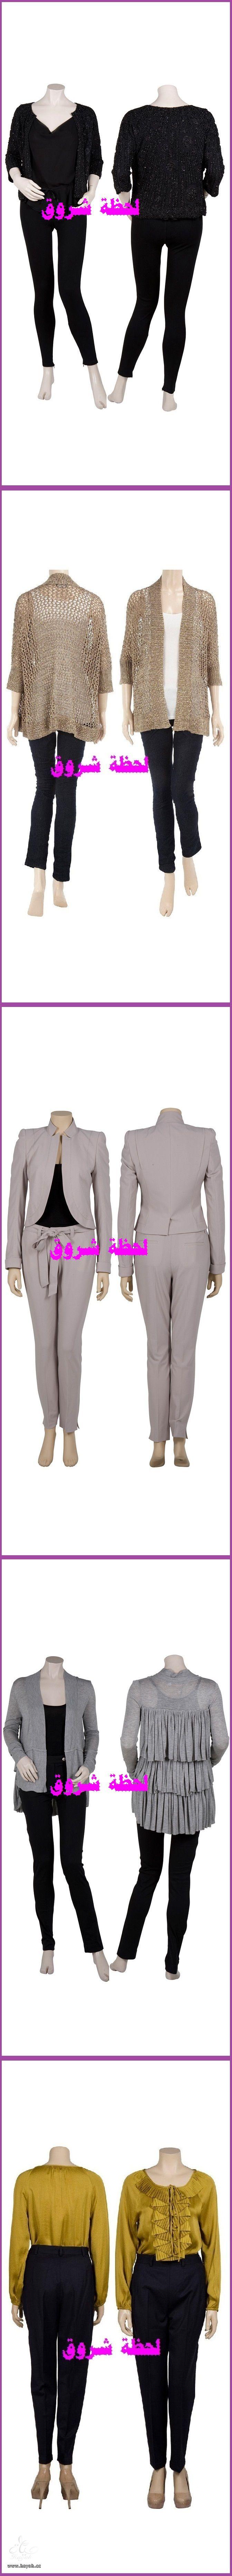 ملابس شتوية 2015 hayahcc_1450576545_676.jpg